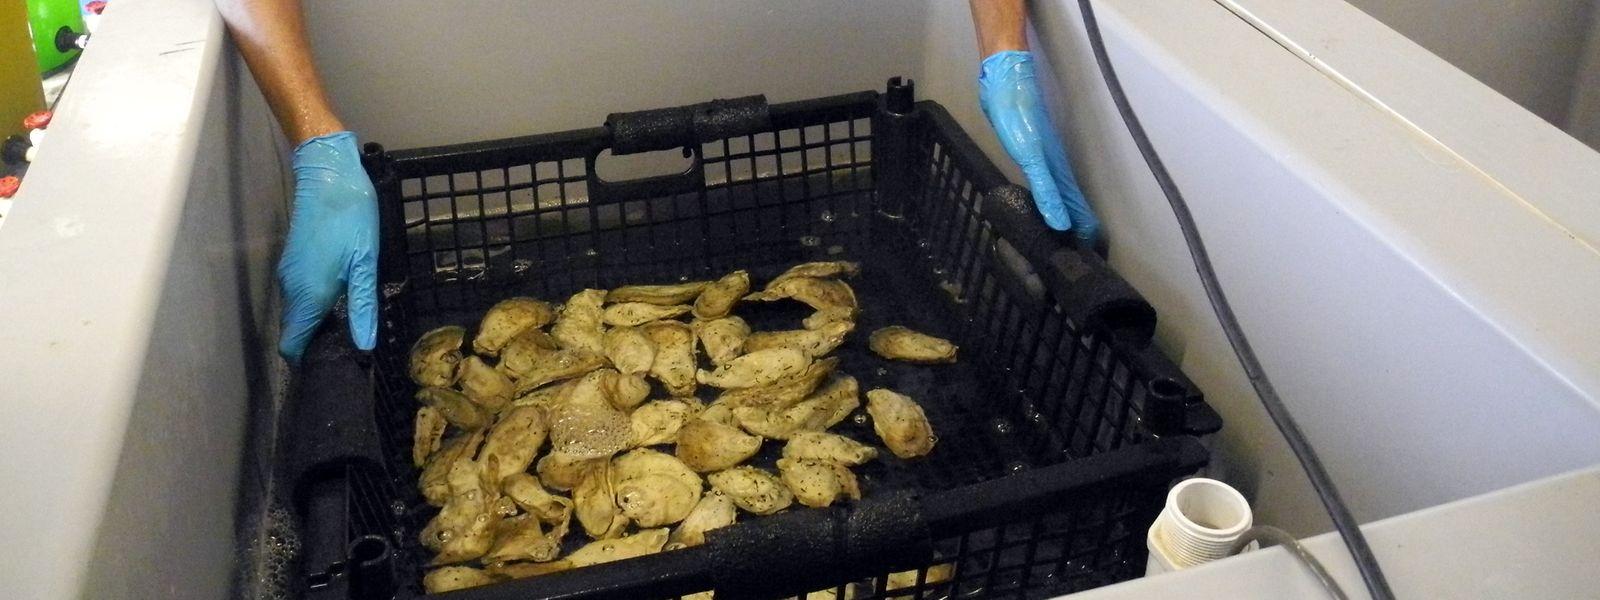 Ein Mitarbeiter hält einen Korb Austernschalen im Labor des «Billion Oyster Project» auf der Insel Governors Island, wo Umweltschützer und Schüler daran arbeiten, die Austernbestände im New Yorker Hafen wieder zu erhöhen.